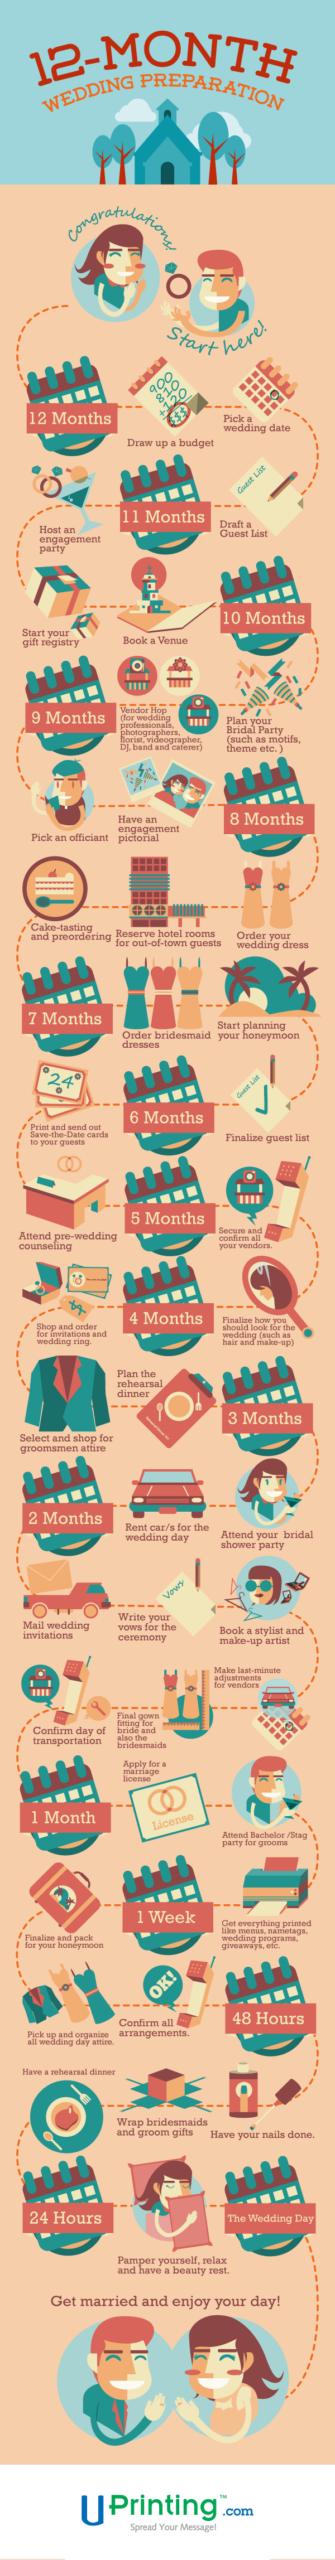 12-Month Wedding Plan Checklist [Infographic]